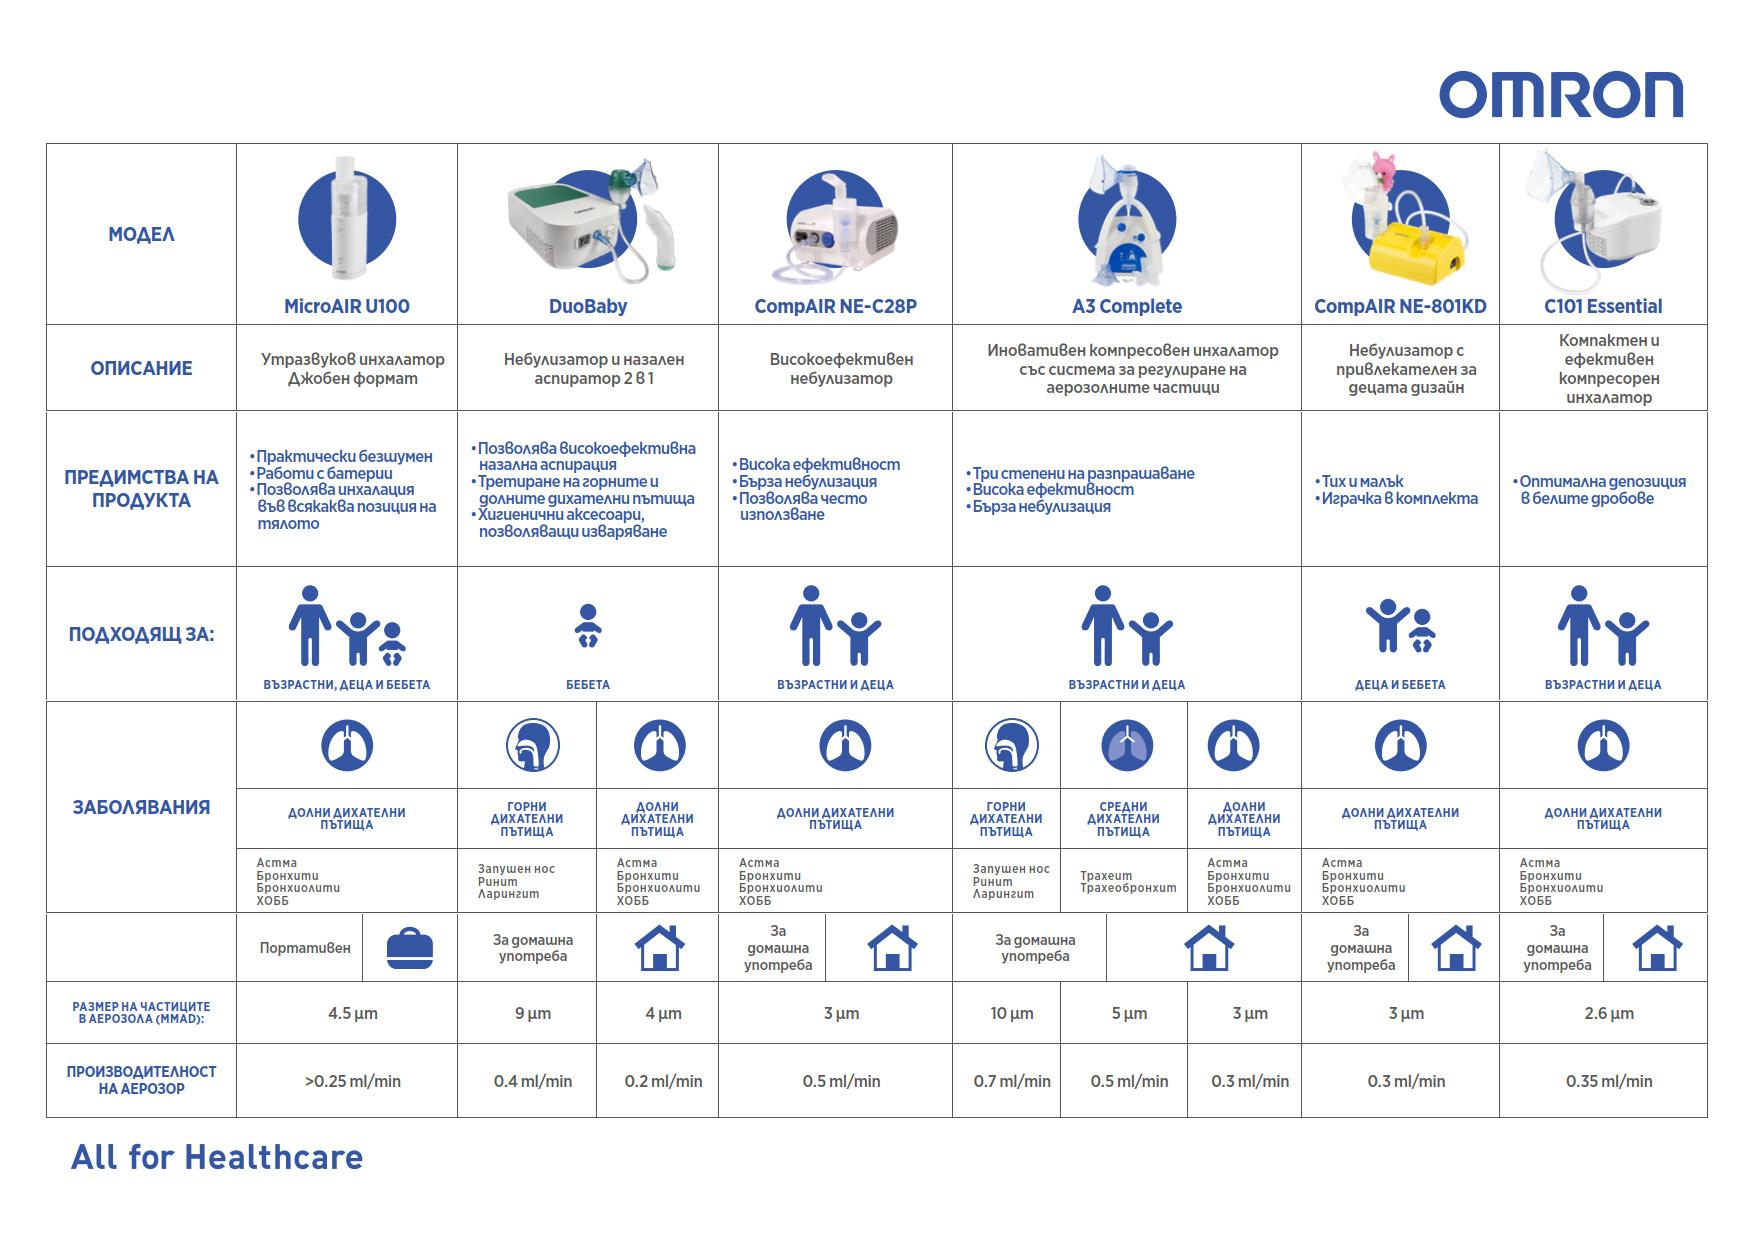 Омрон Таблица - Видове инхалатори, предимства, предназначение